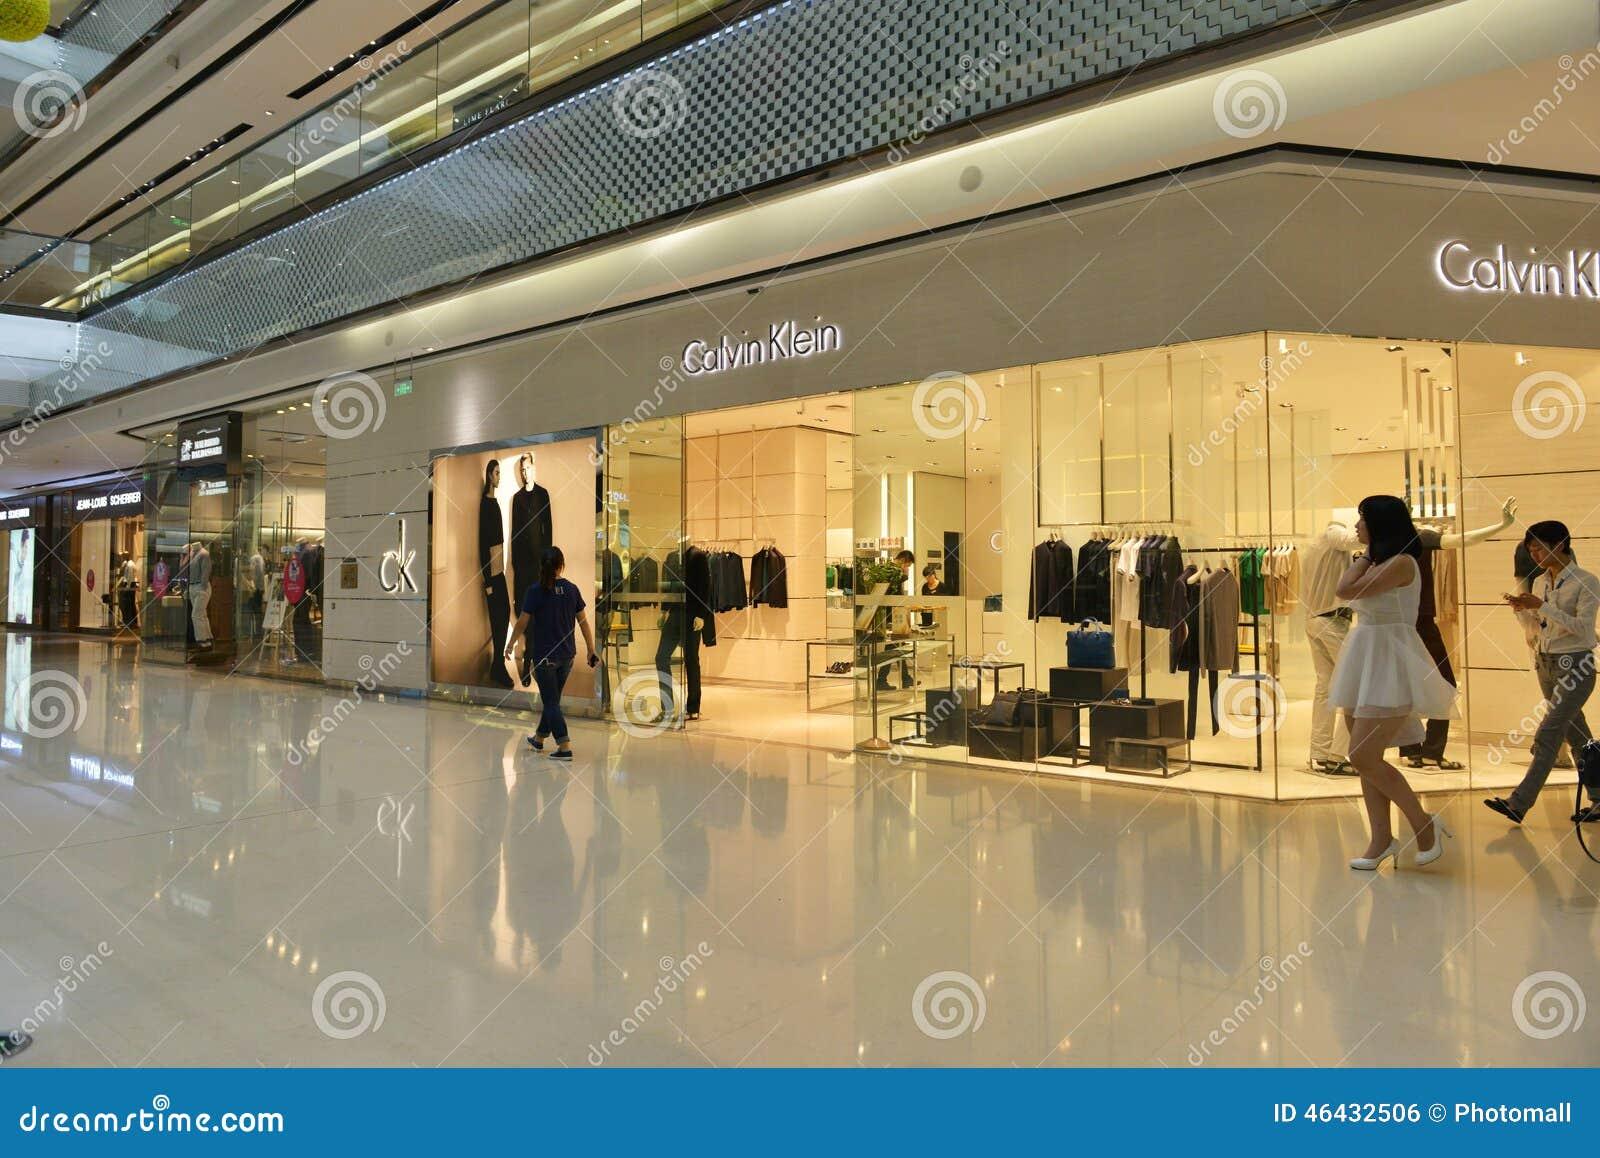 33999aa3f Calvin Klein Clothing store shop in Changsha Wanda Plaza